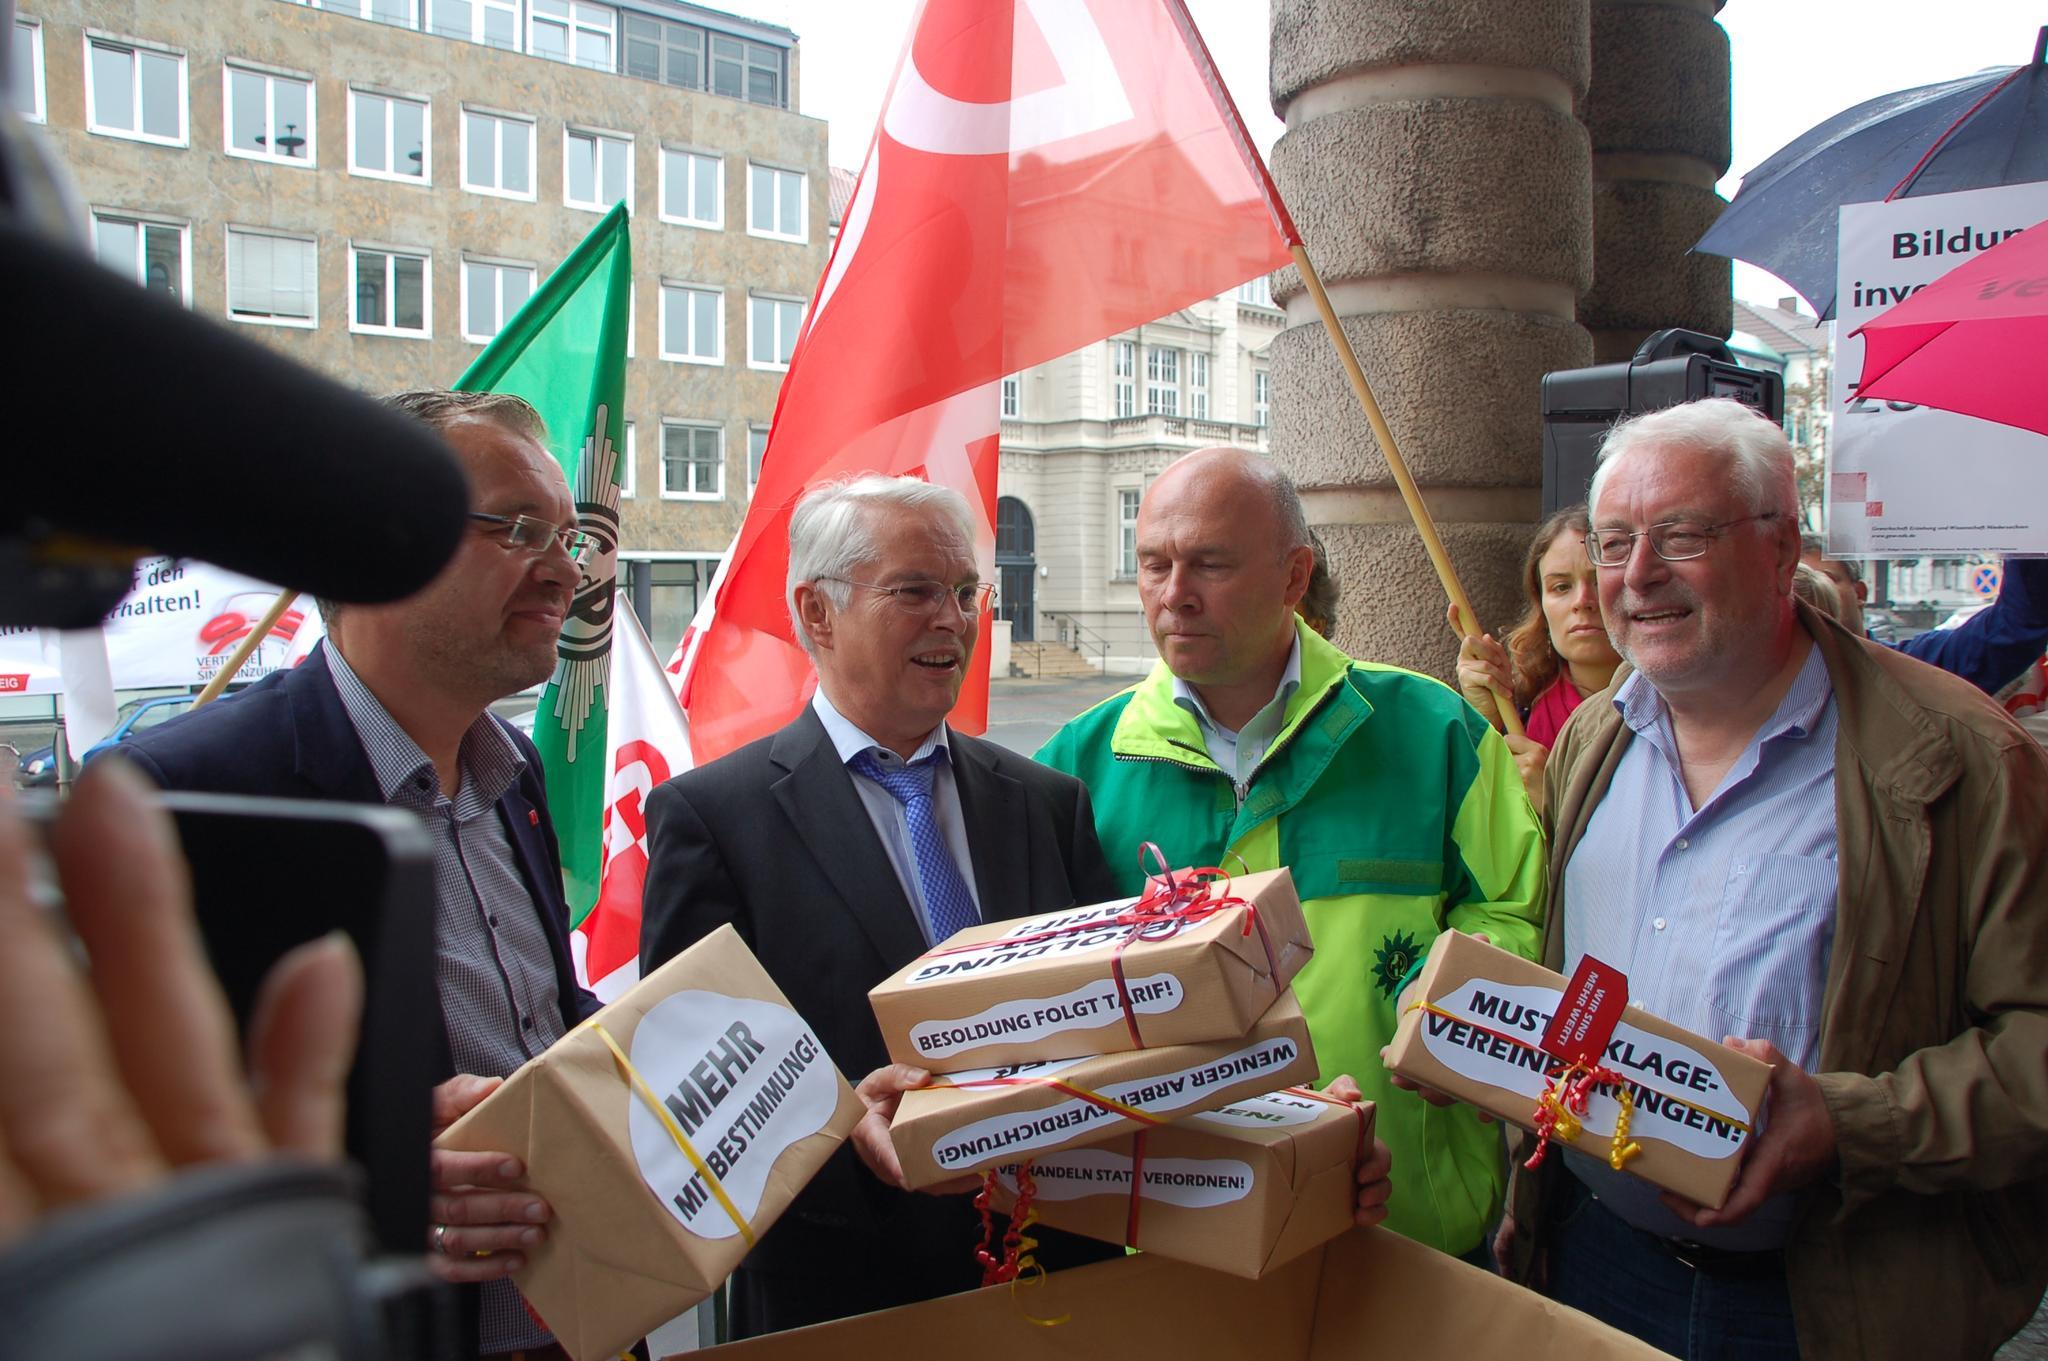 Gewerkschaftsvertreter überreichen Forderungspaket an den niedersächsischen Finanzminister Scheider.